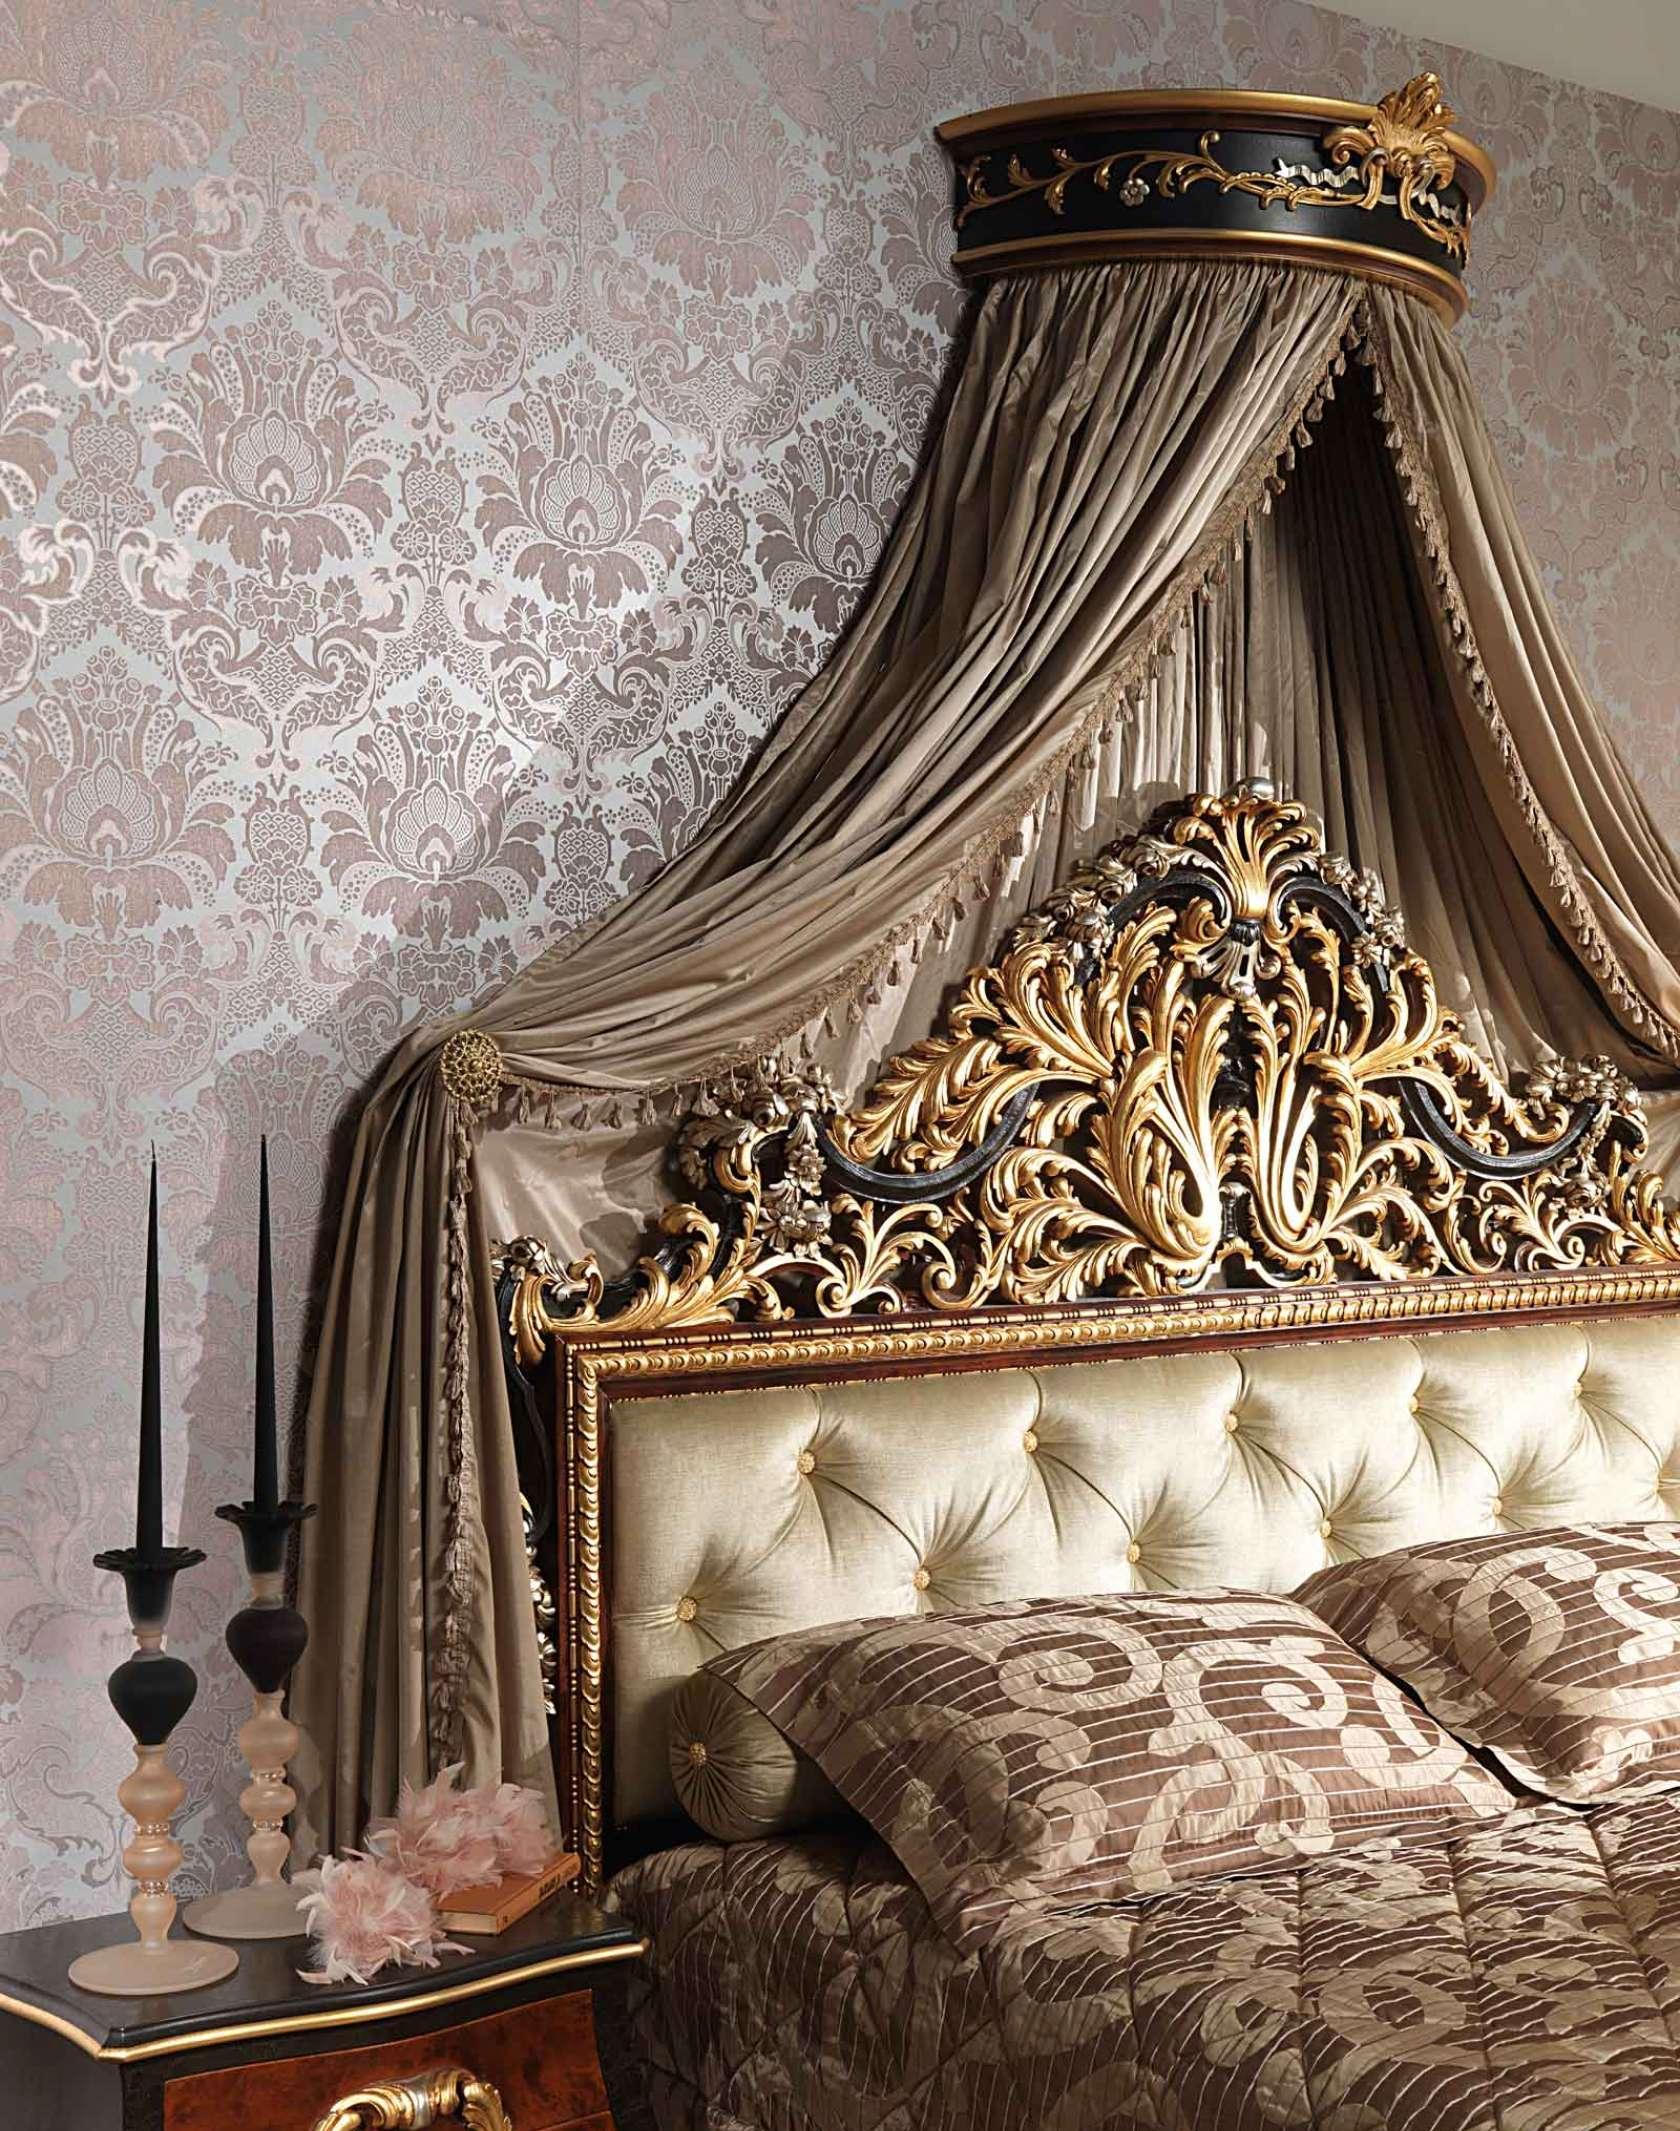 Балдахин над кроватью в классической спальне